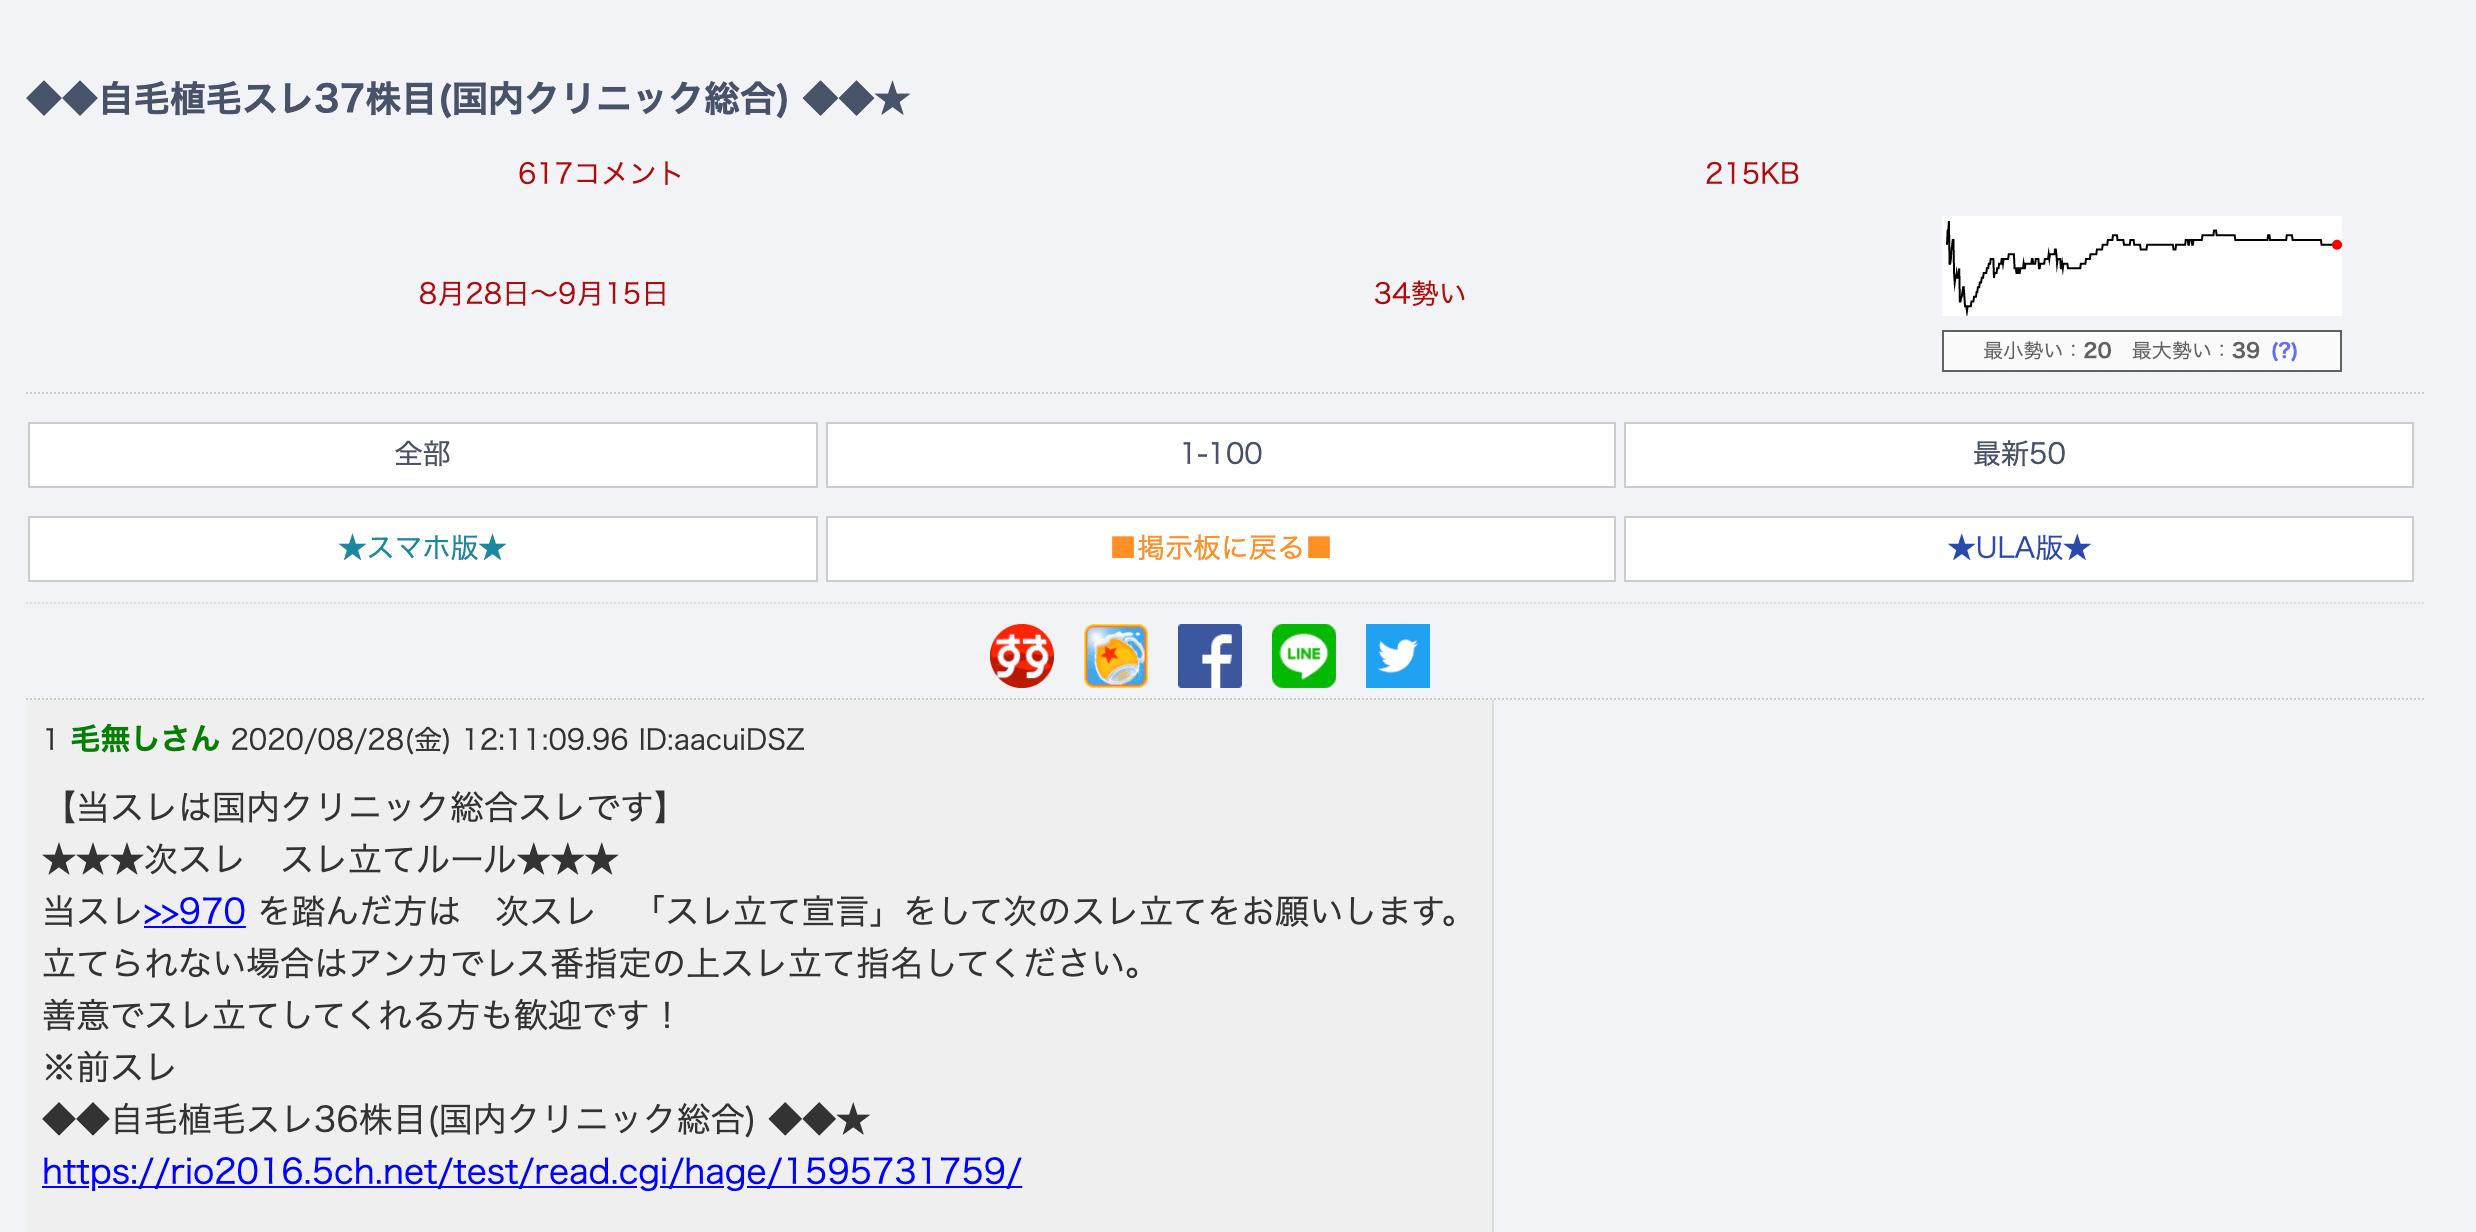 自毛植毛スレ37株目(国内クリニック総合)